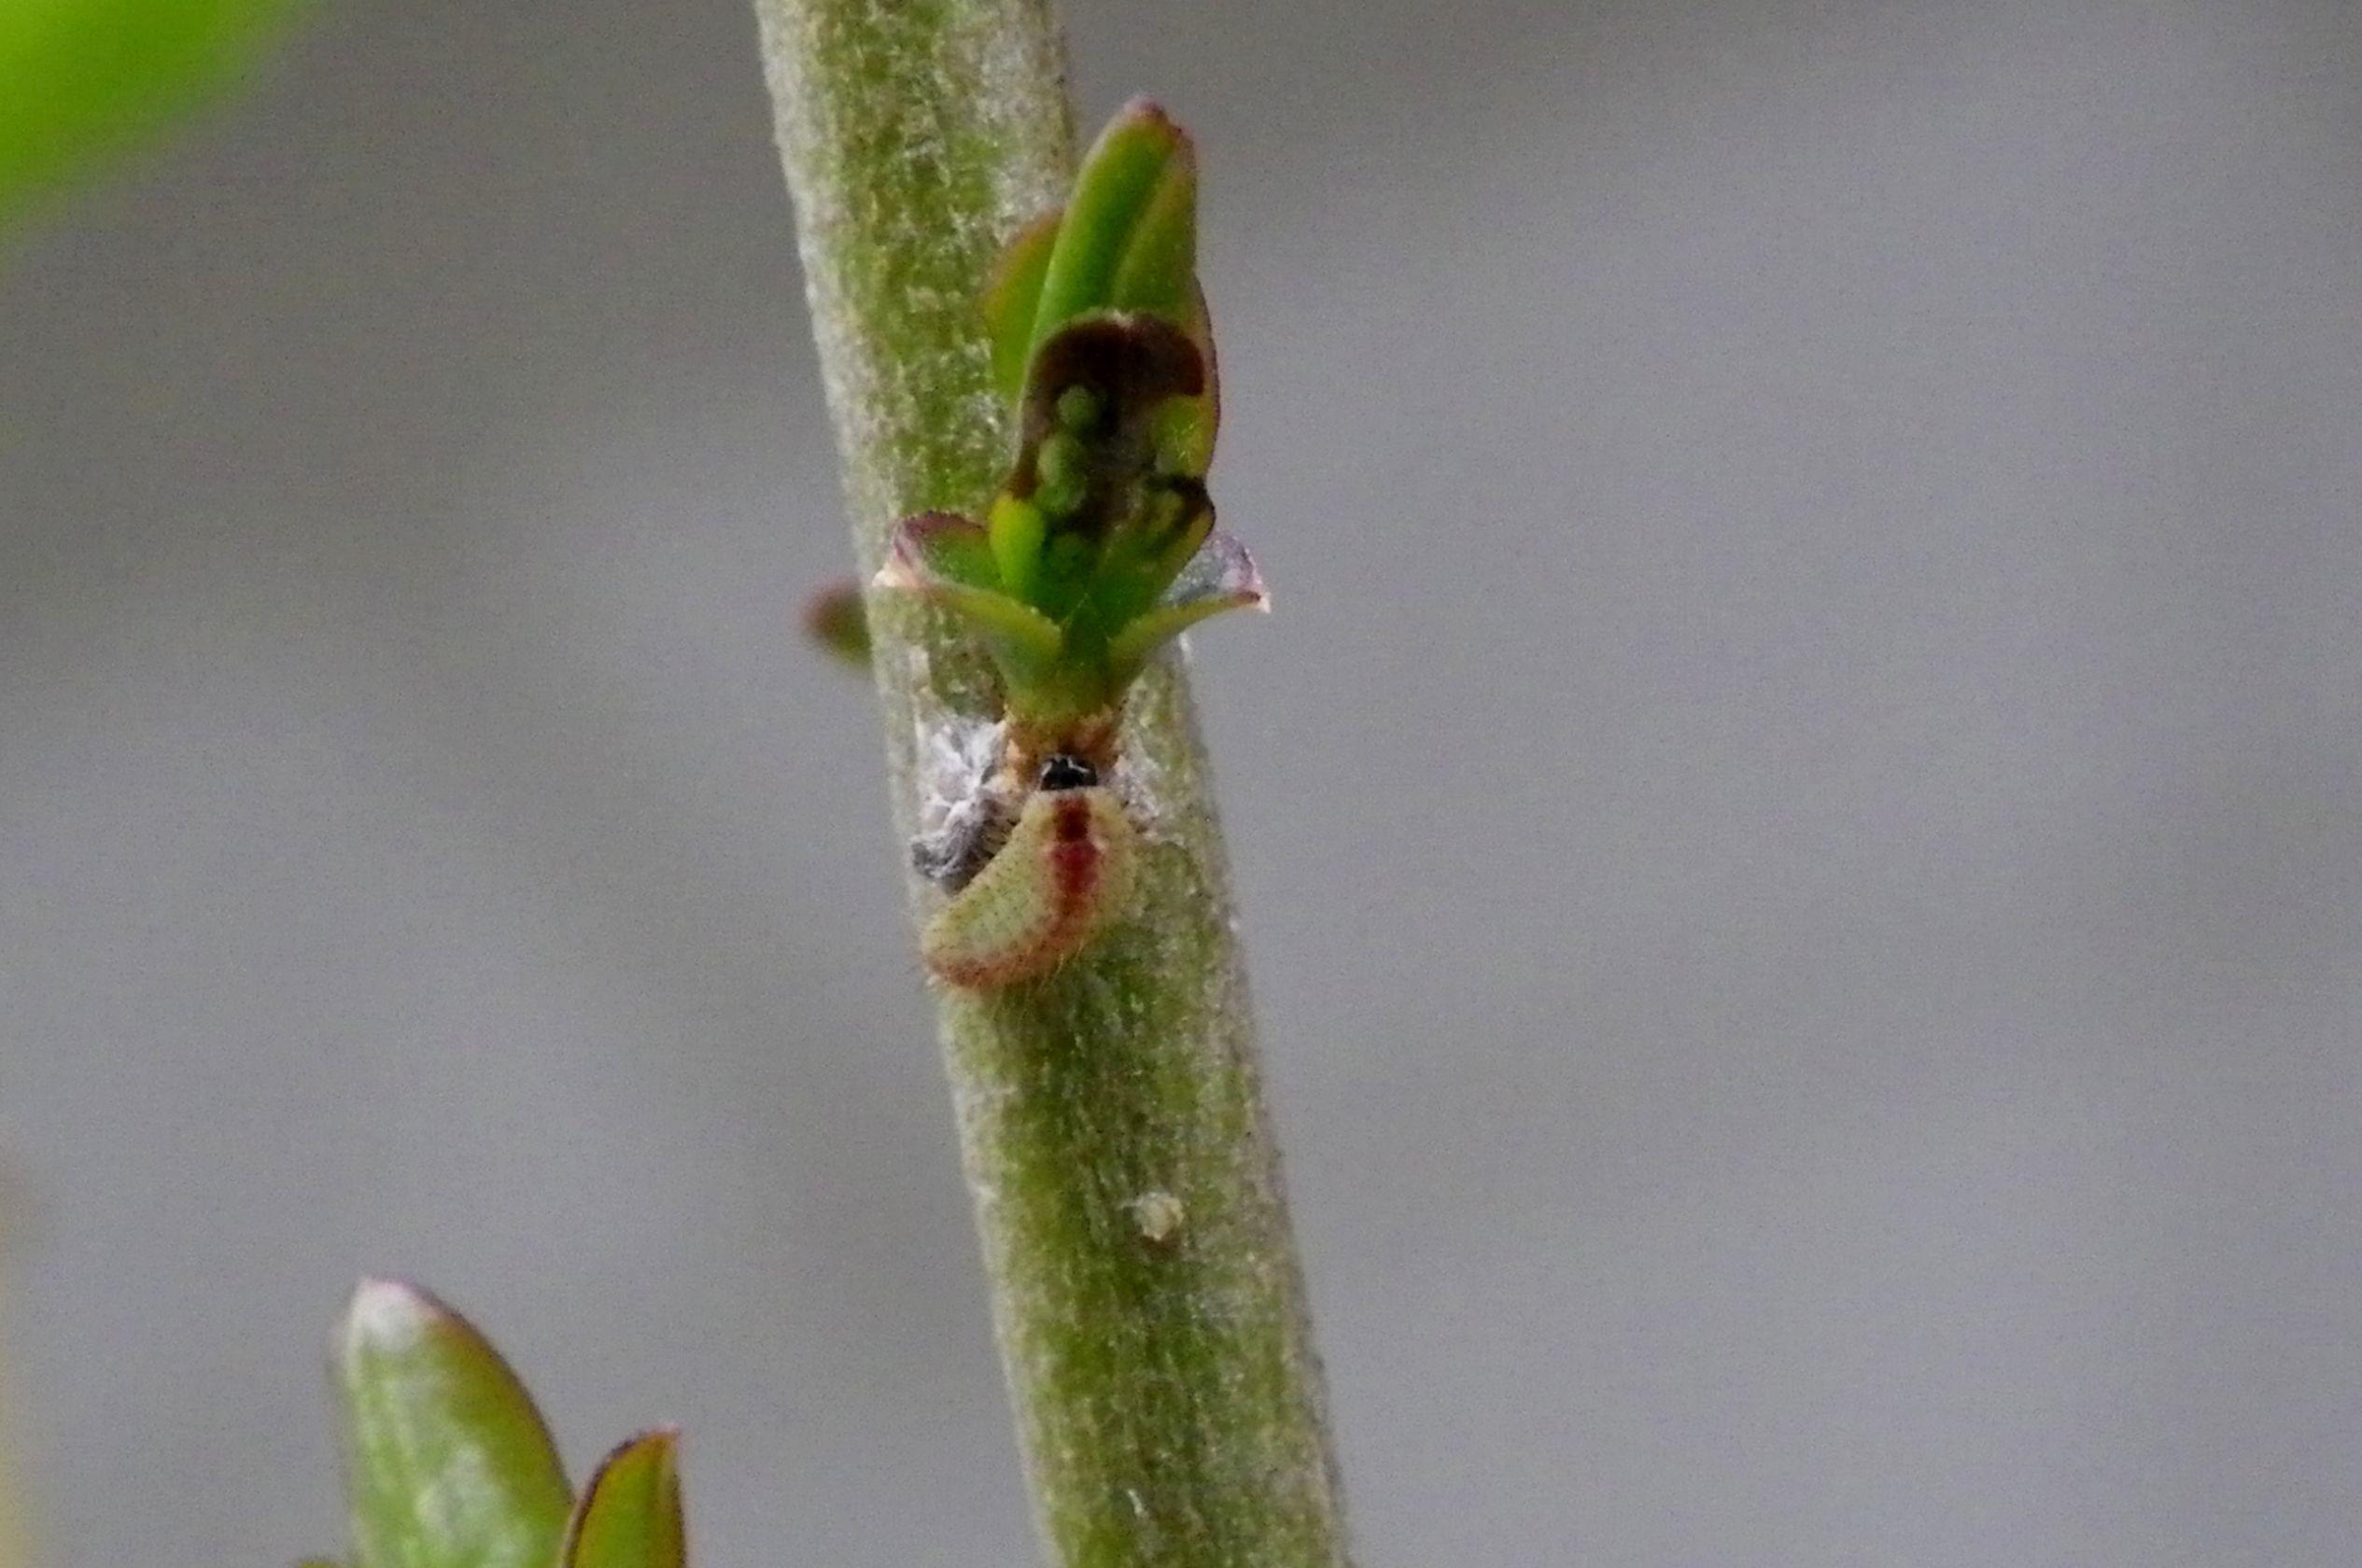 ウラゴマダラシジミ幼虫 3月26日_d0254540_16005819.jpg